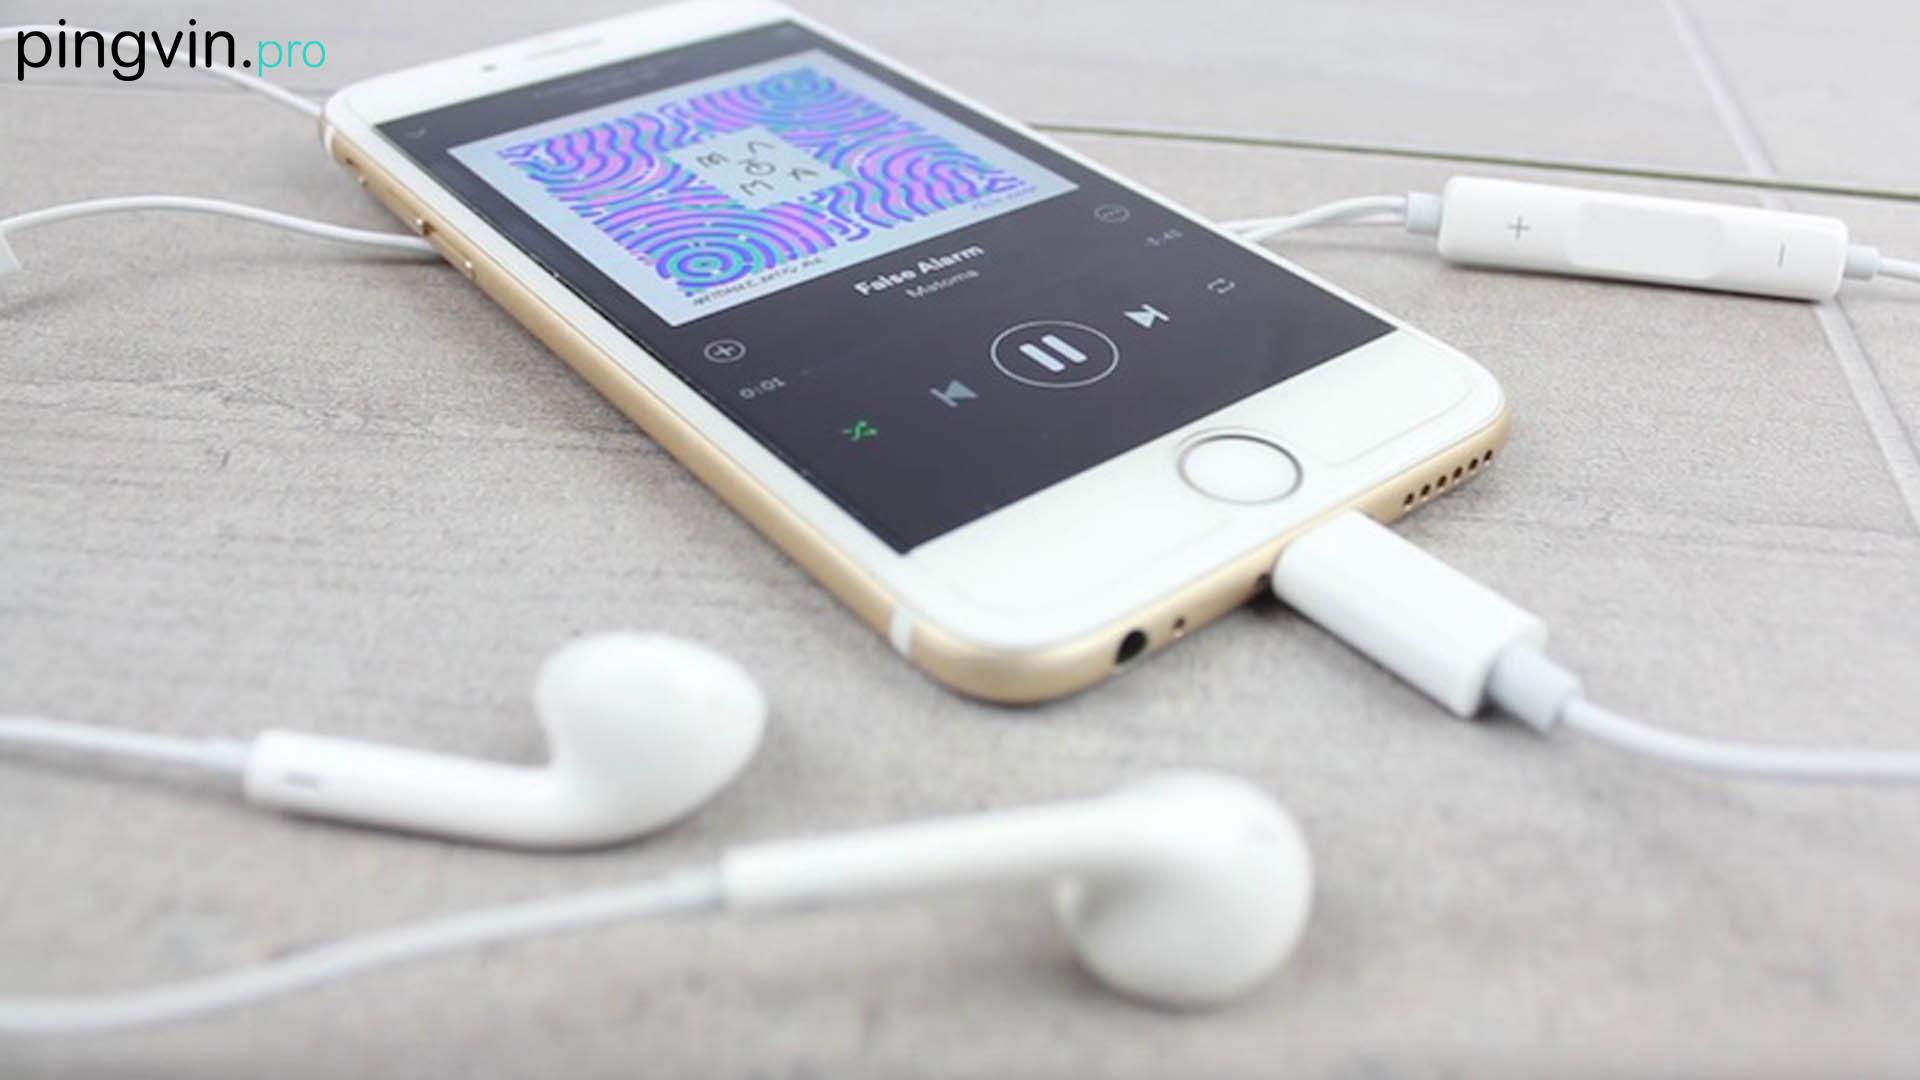 iPhone 7 має проблеми при роботі з провідною гарнітурою EarPods -  Pingvin.Pro 5cec05654c0c2